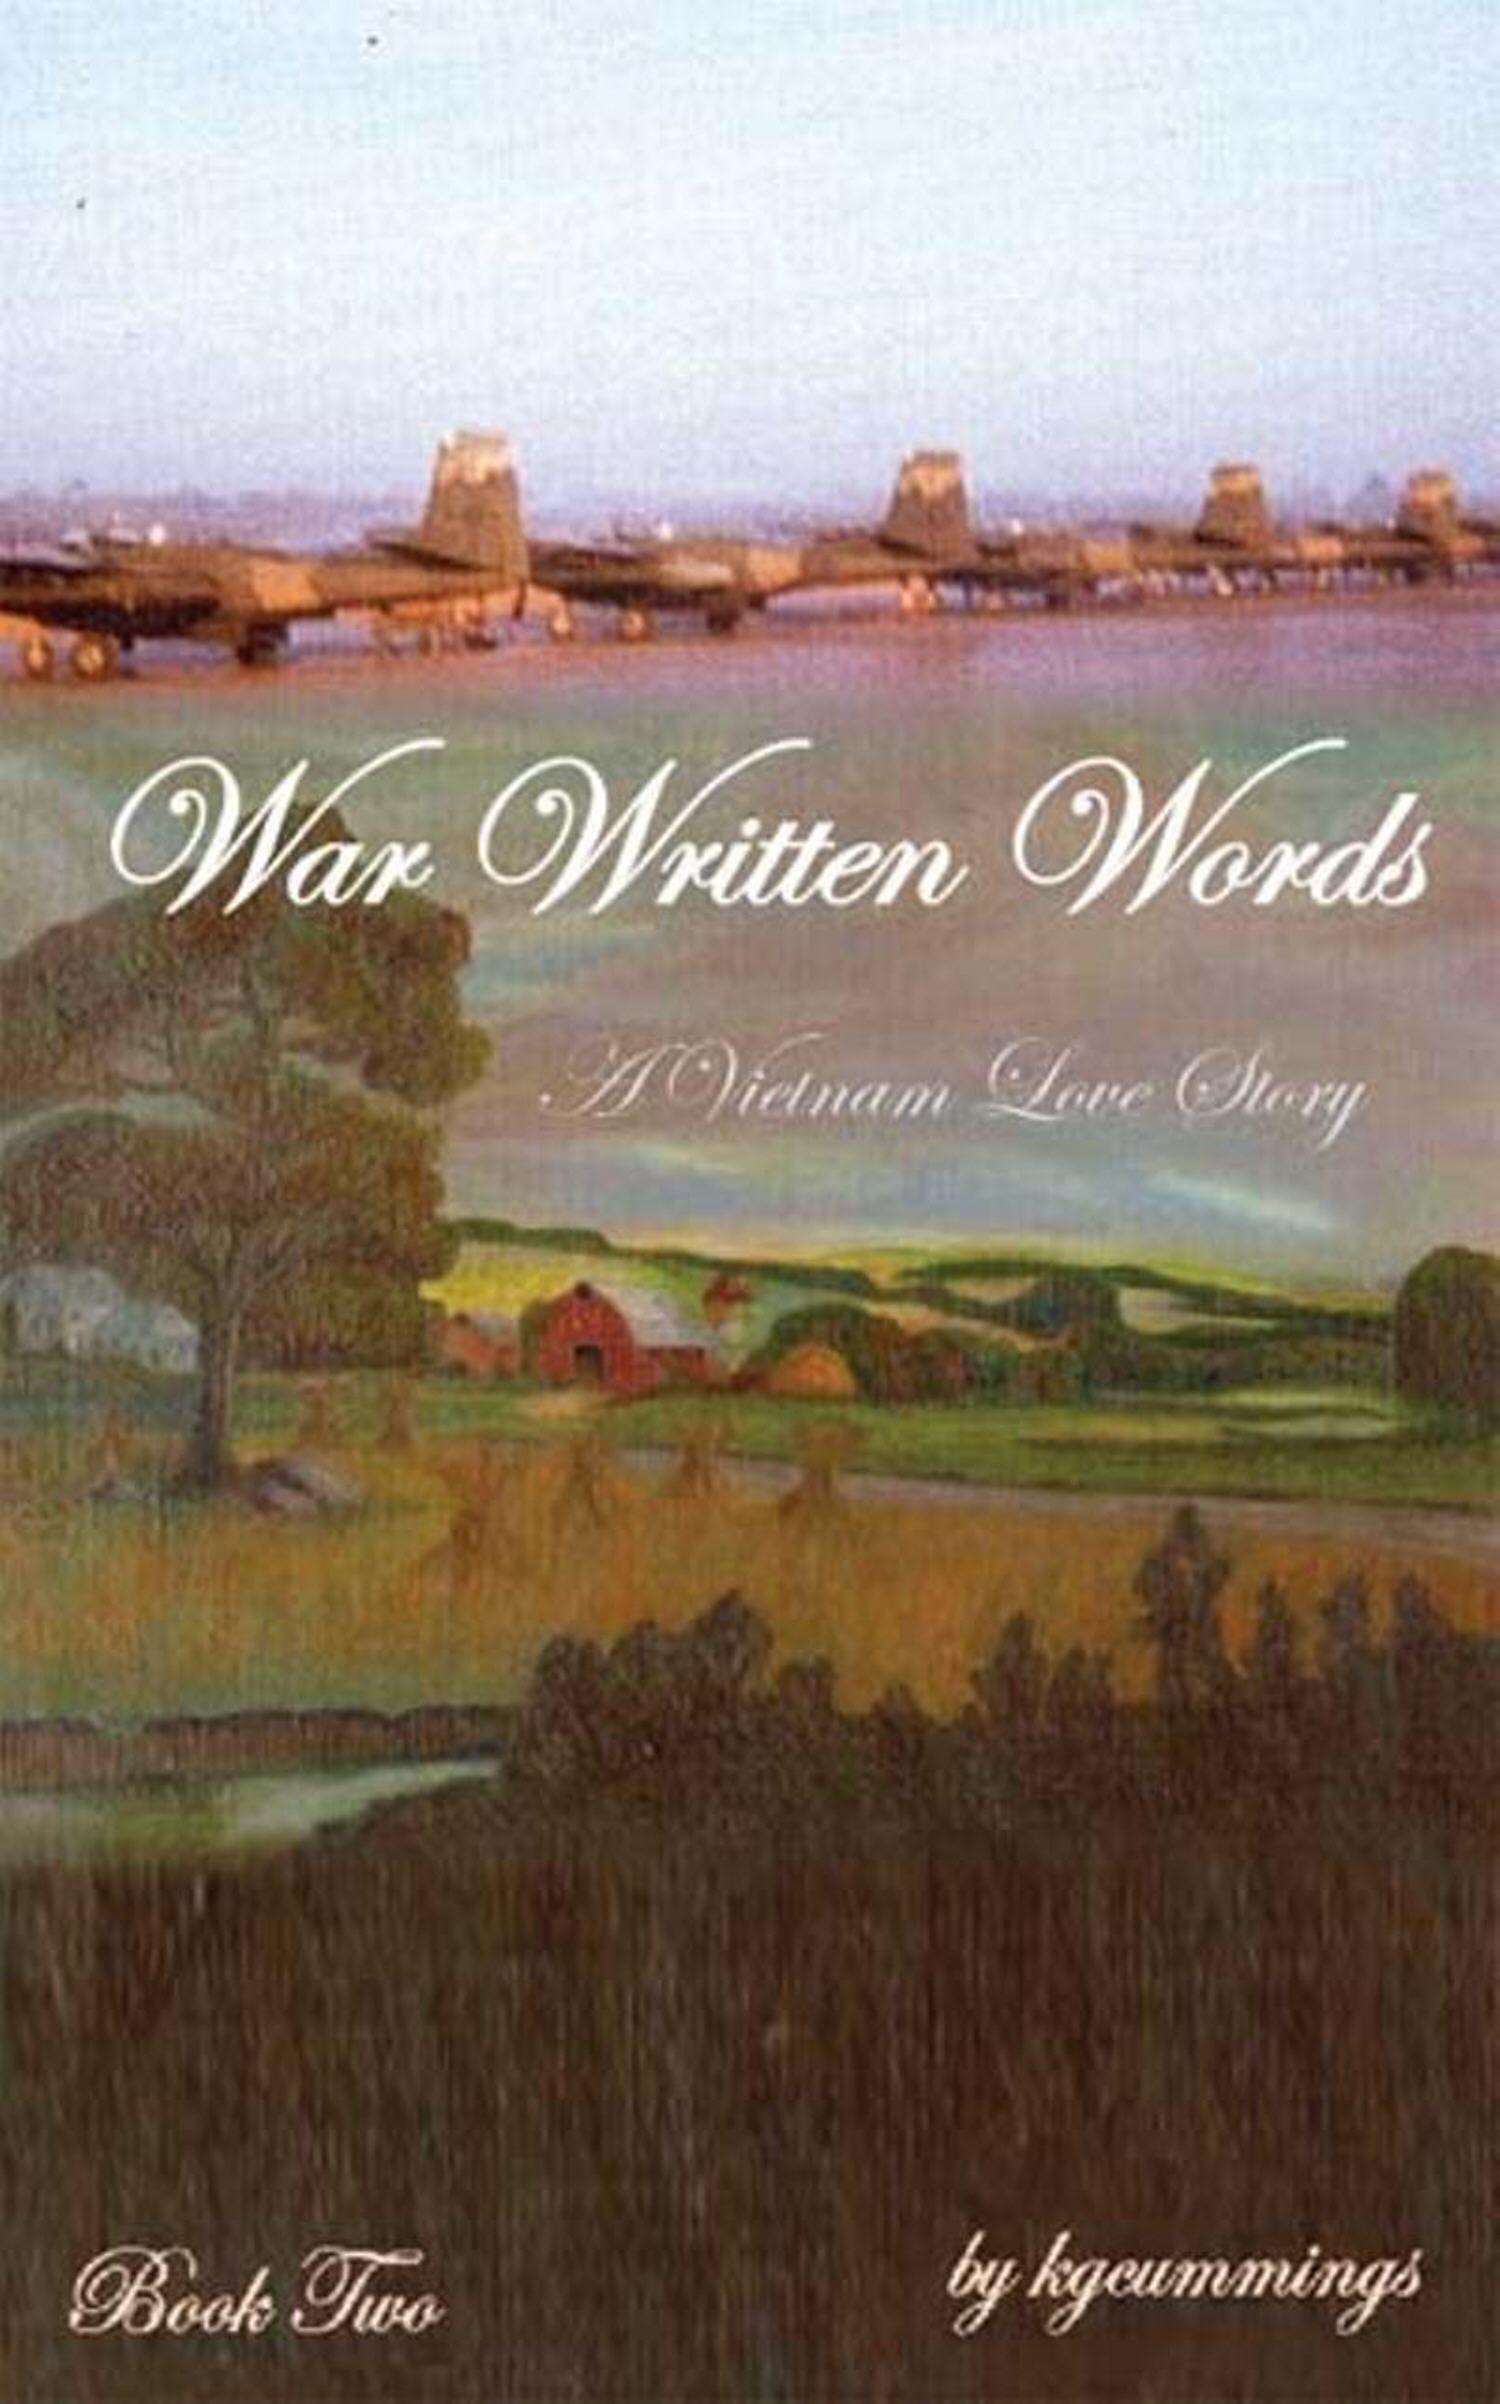 War Written Words:Book 2